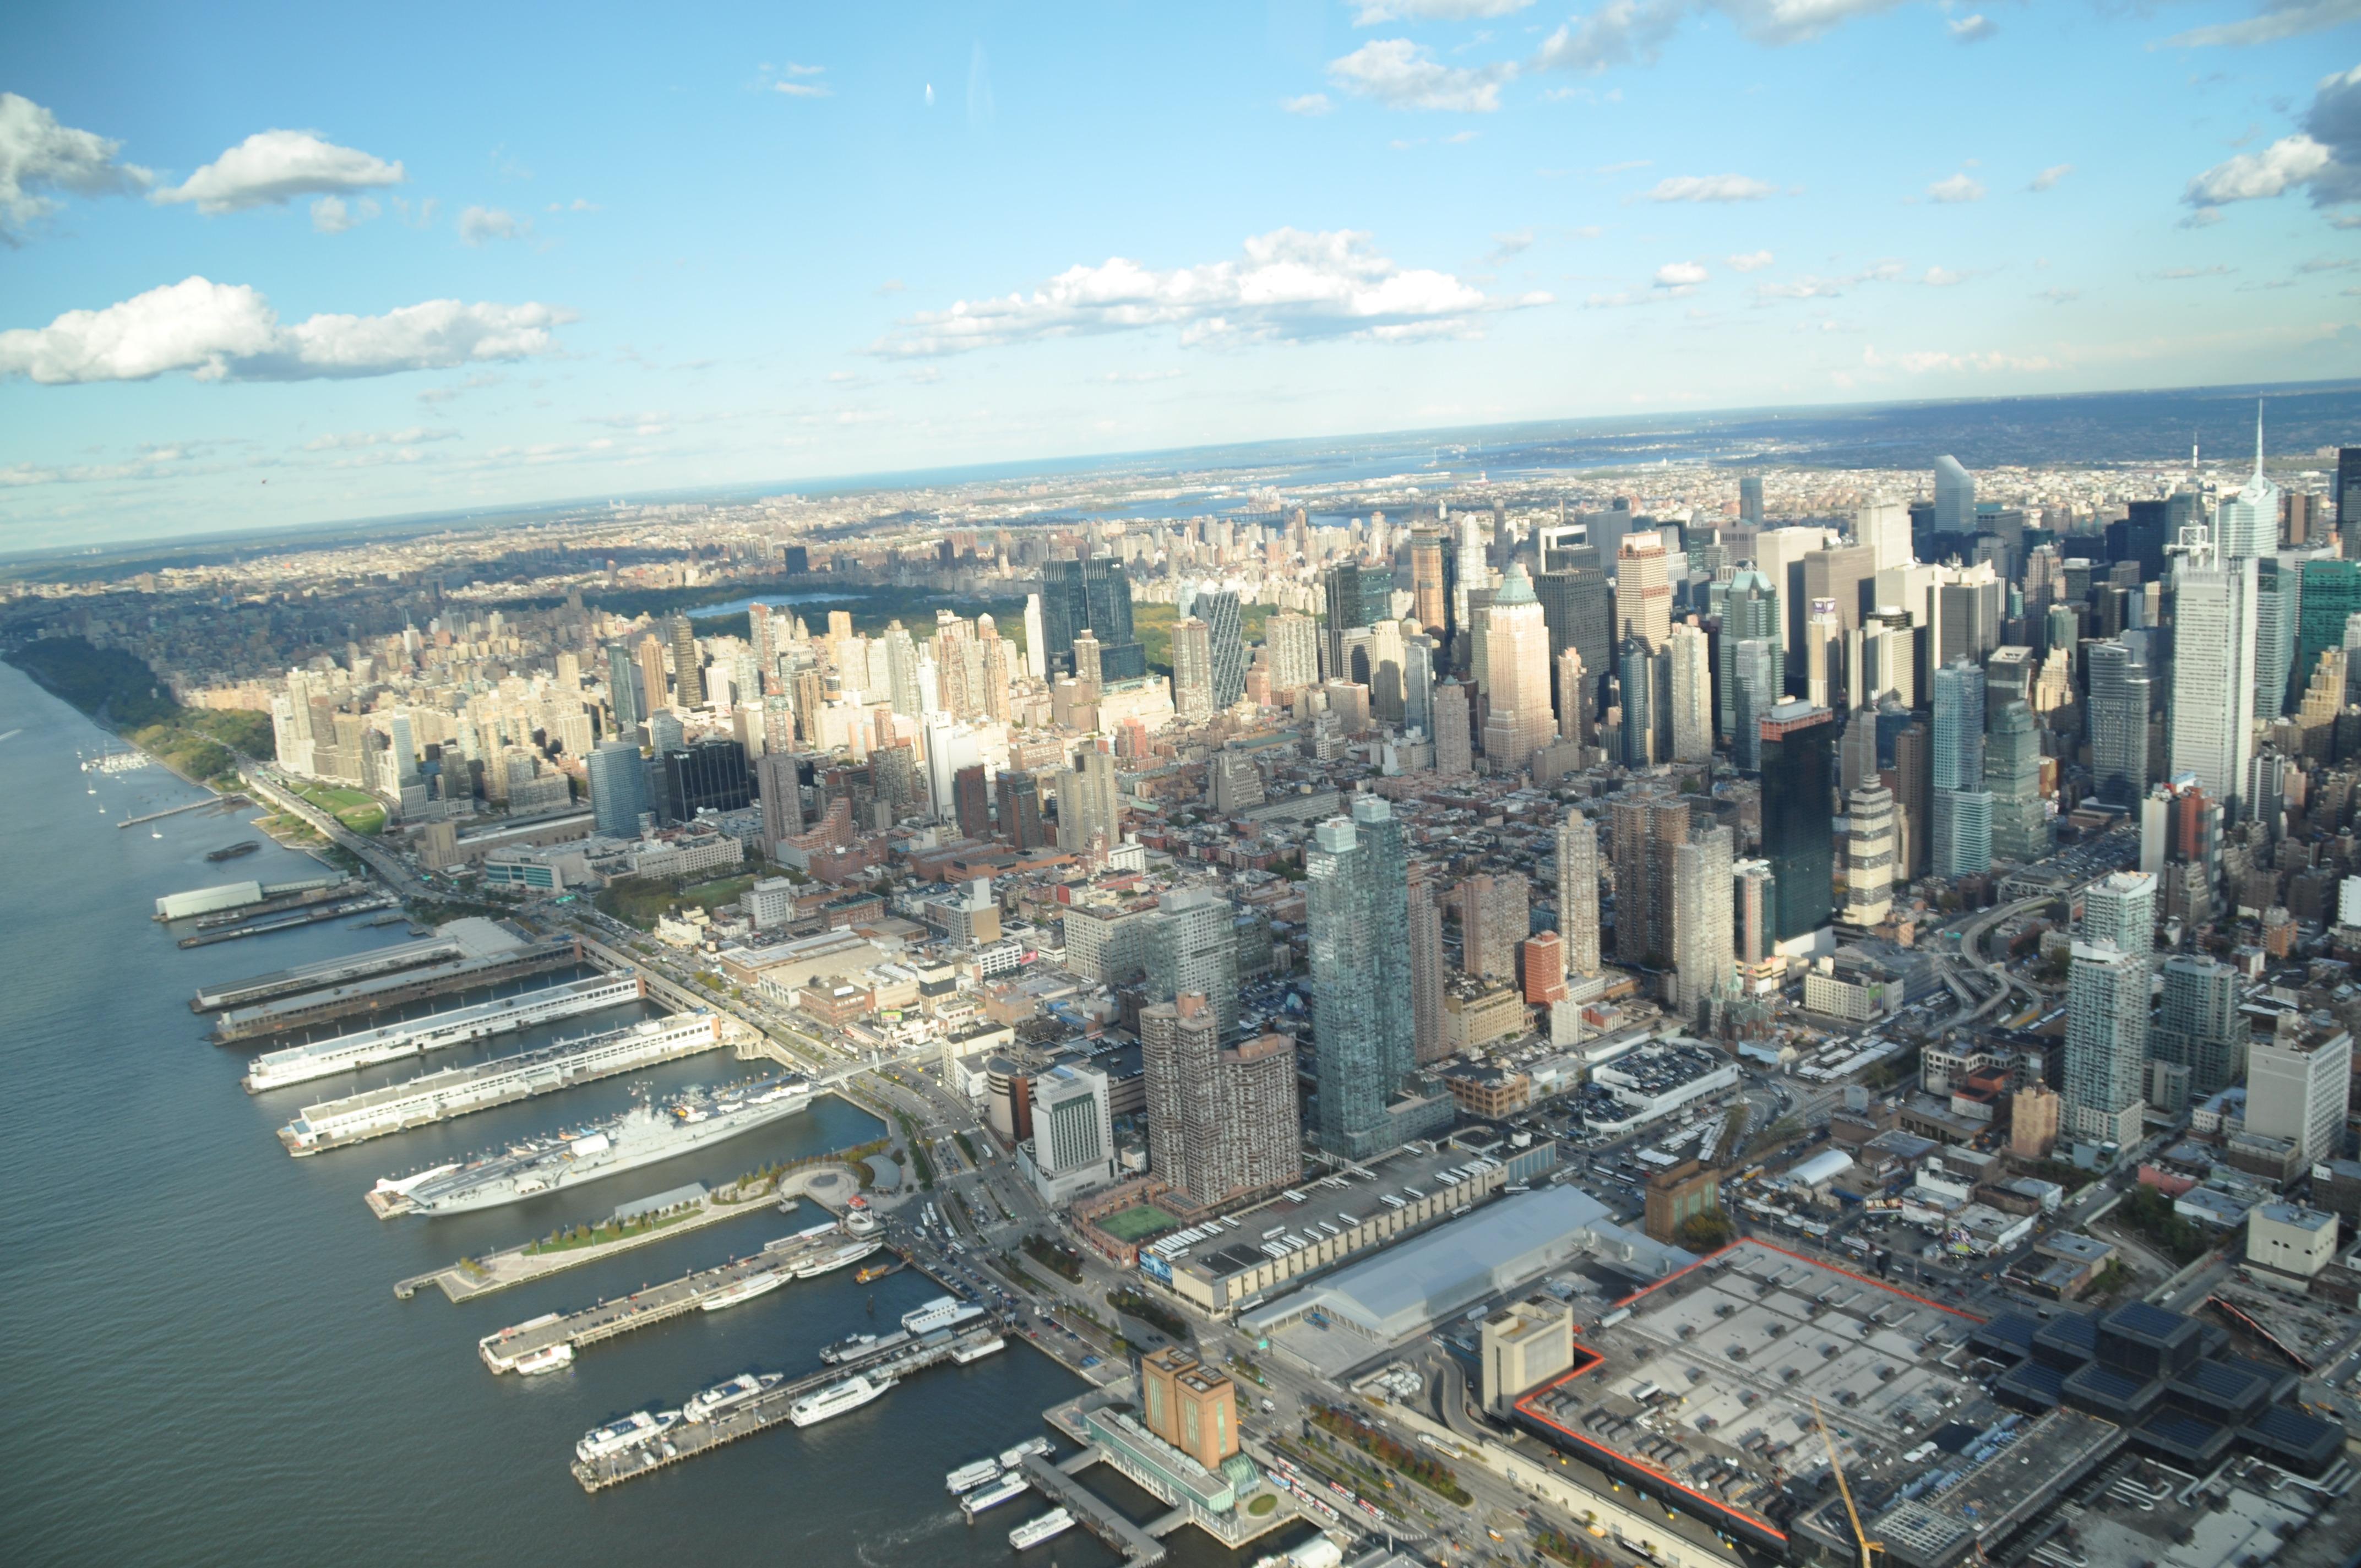 fotos gratis horizonte rascacielos nueva york nueva york paisaje urbano panorama centro de la ciudad america vista area bloque de pisos